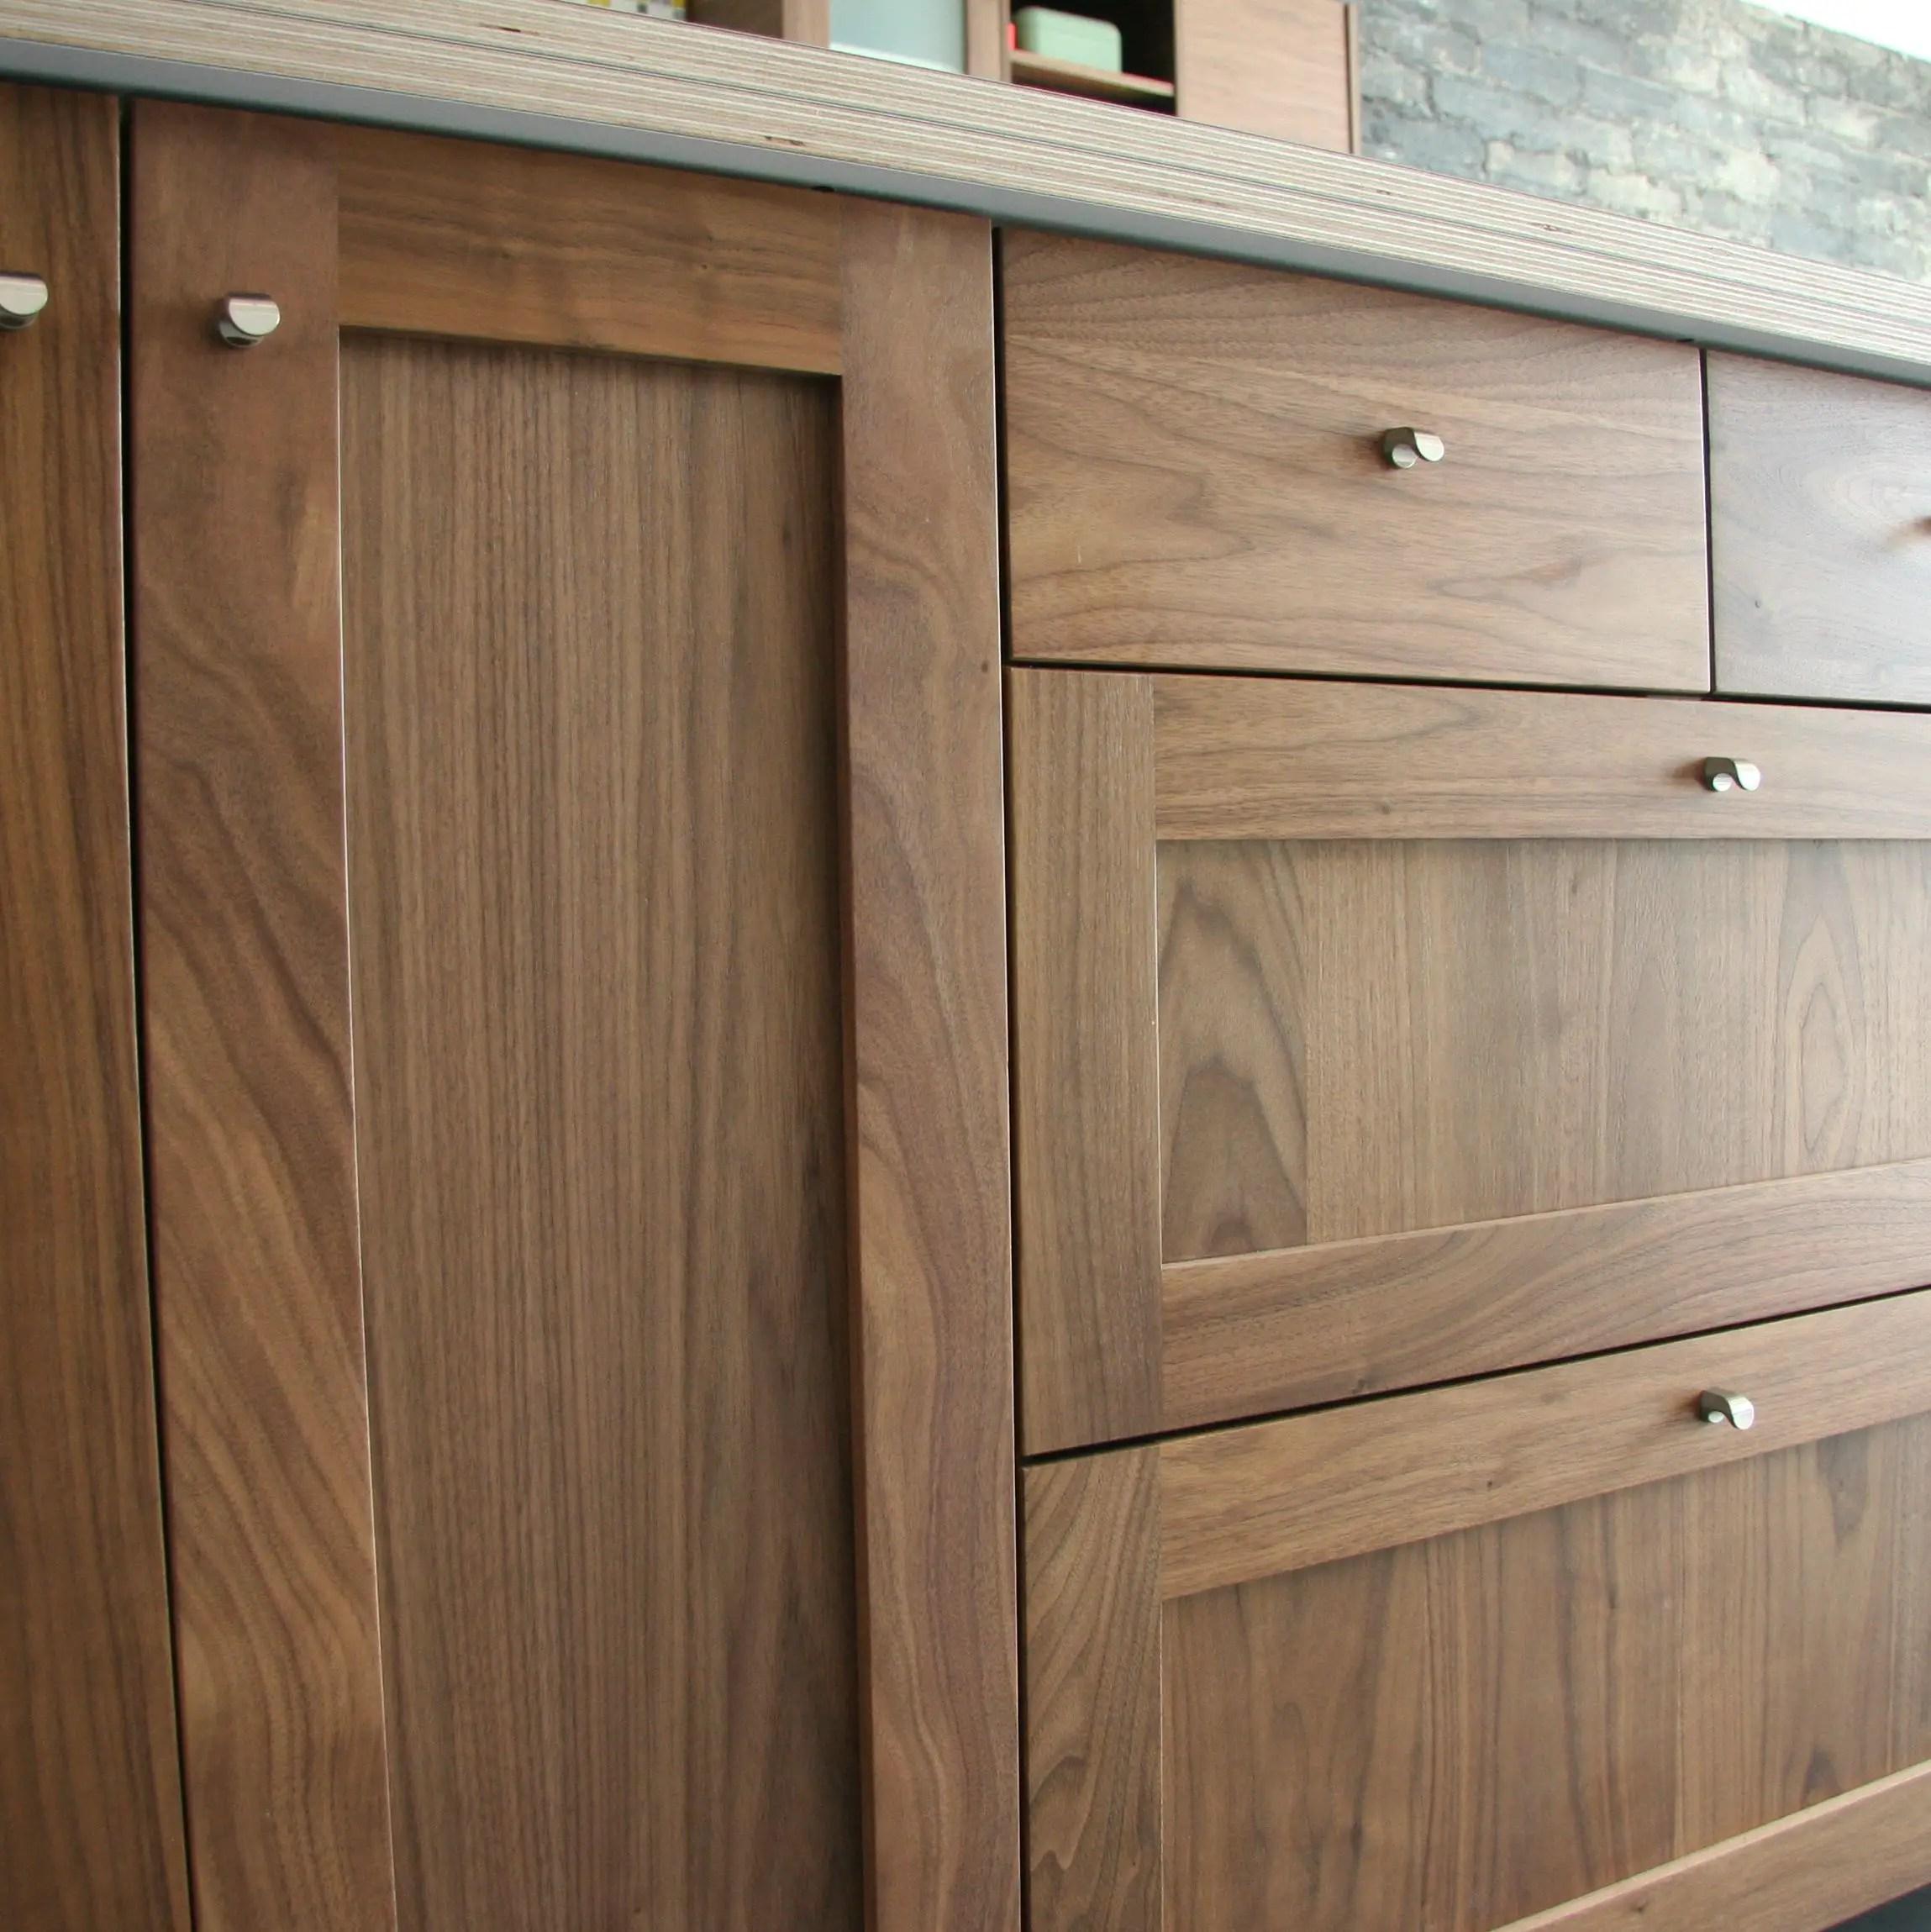 Modern Walnut Kitchen Cabinets Design Ideas 7 - decoratoo